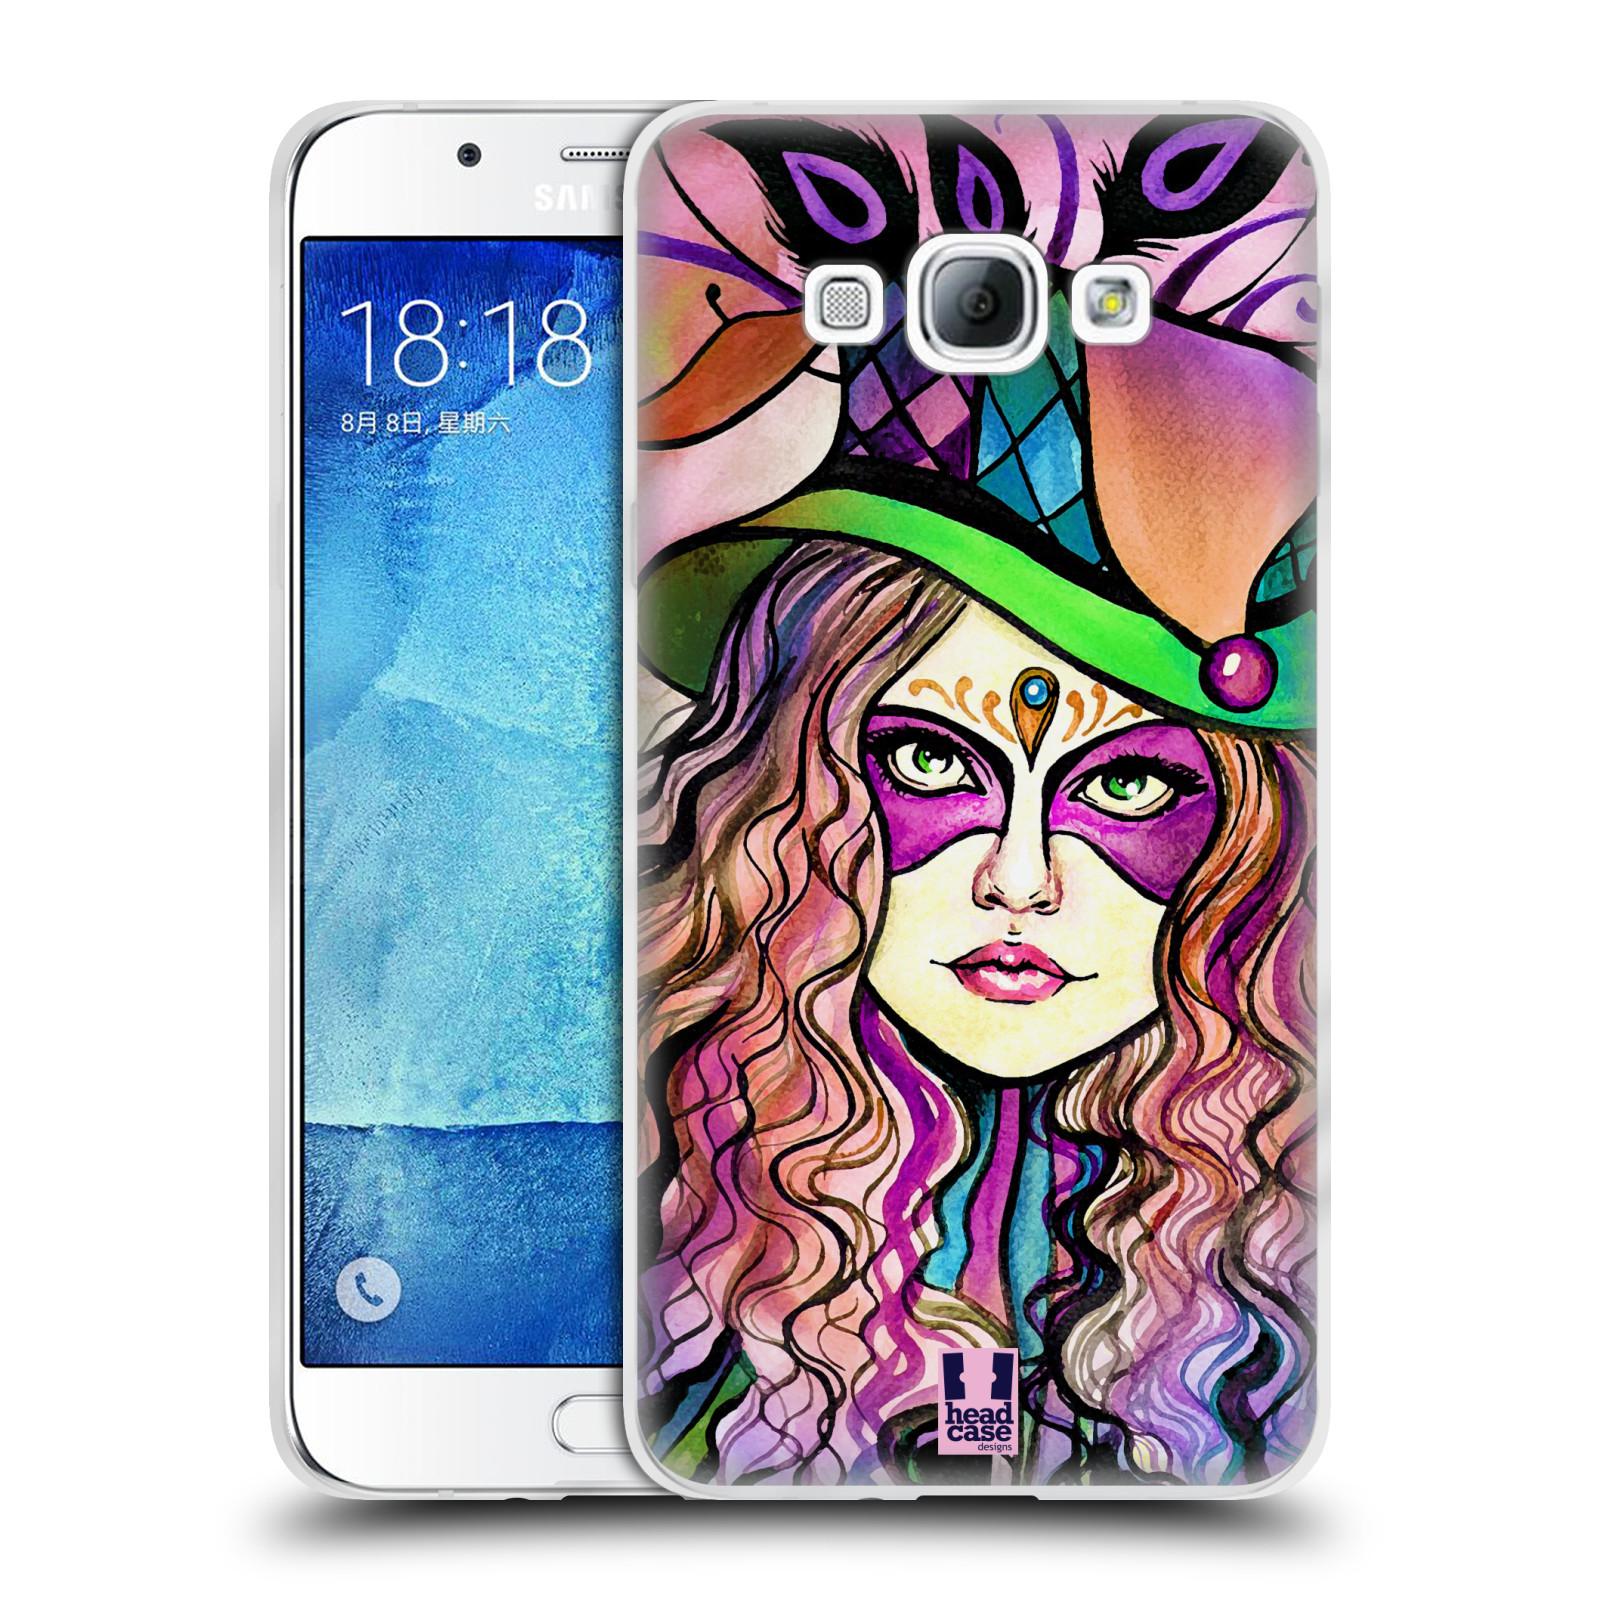 HEAD CASE silikonový obal na mobil Samsung Galaxy A8 vzor Maškarní ples masky kreslené vzory KLOBOUK